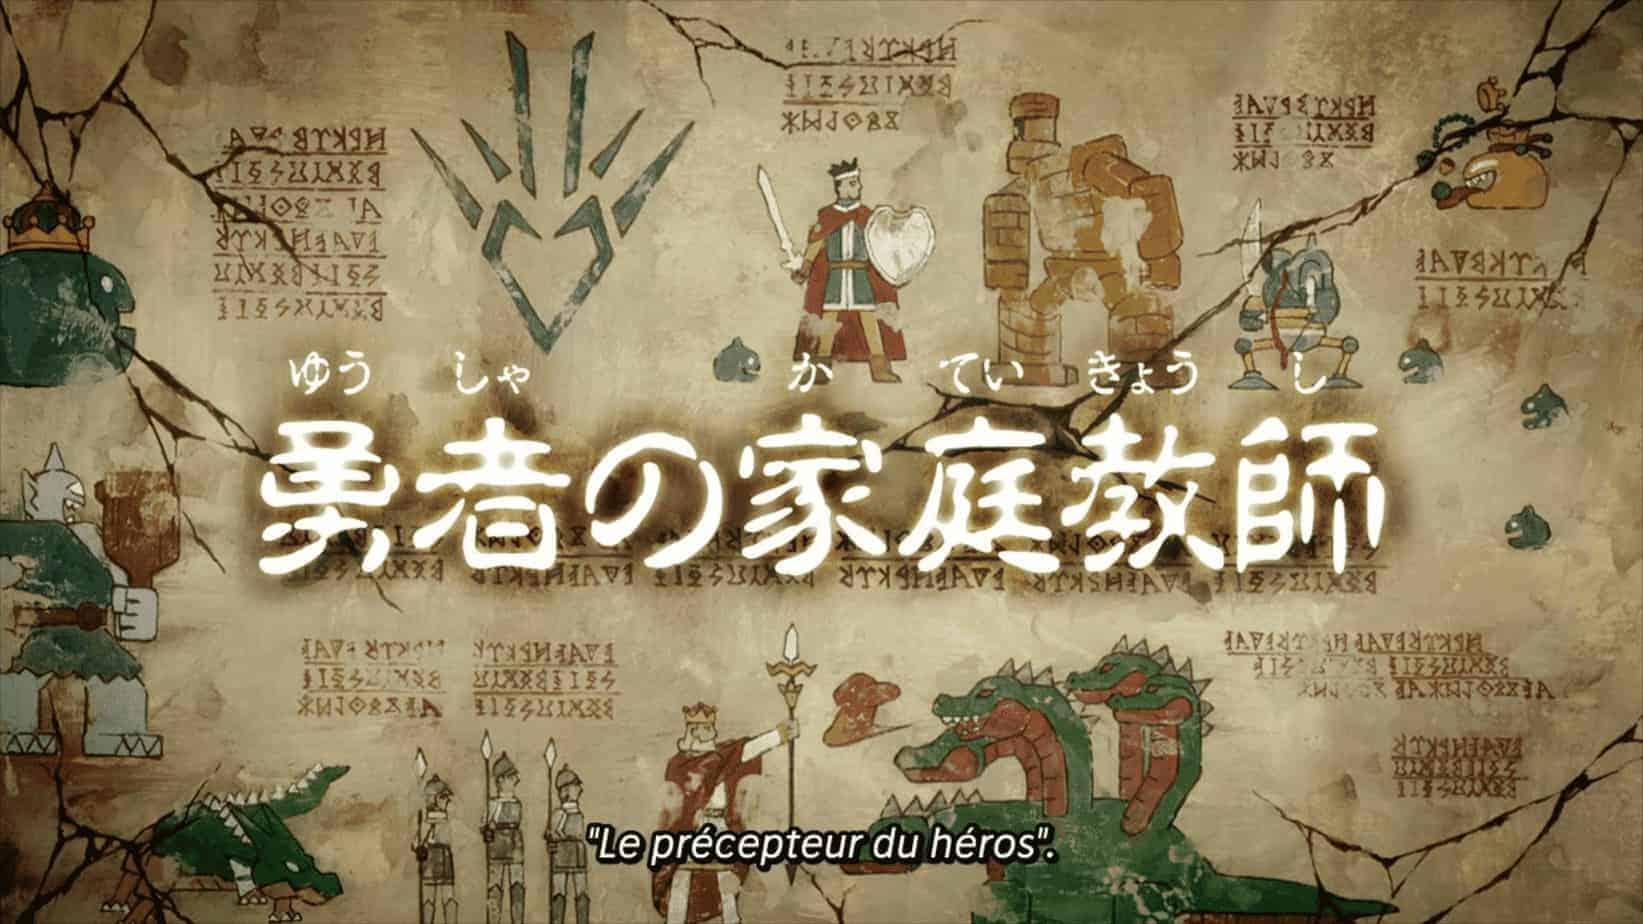 DRAGON QUEST: The Adventure of Daï épisode 3 - le précepteur du héros 2